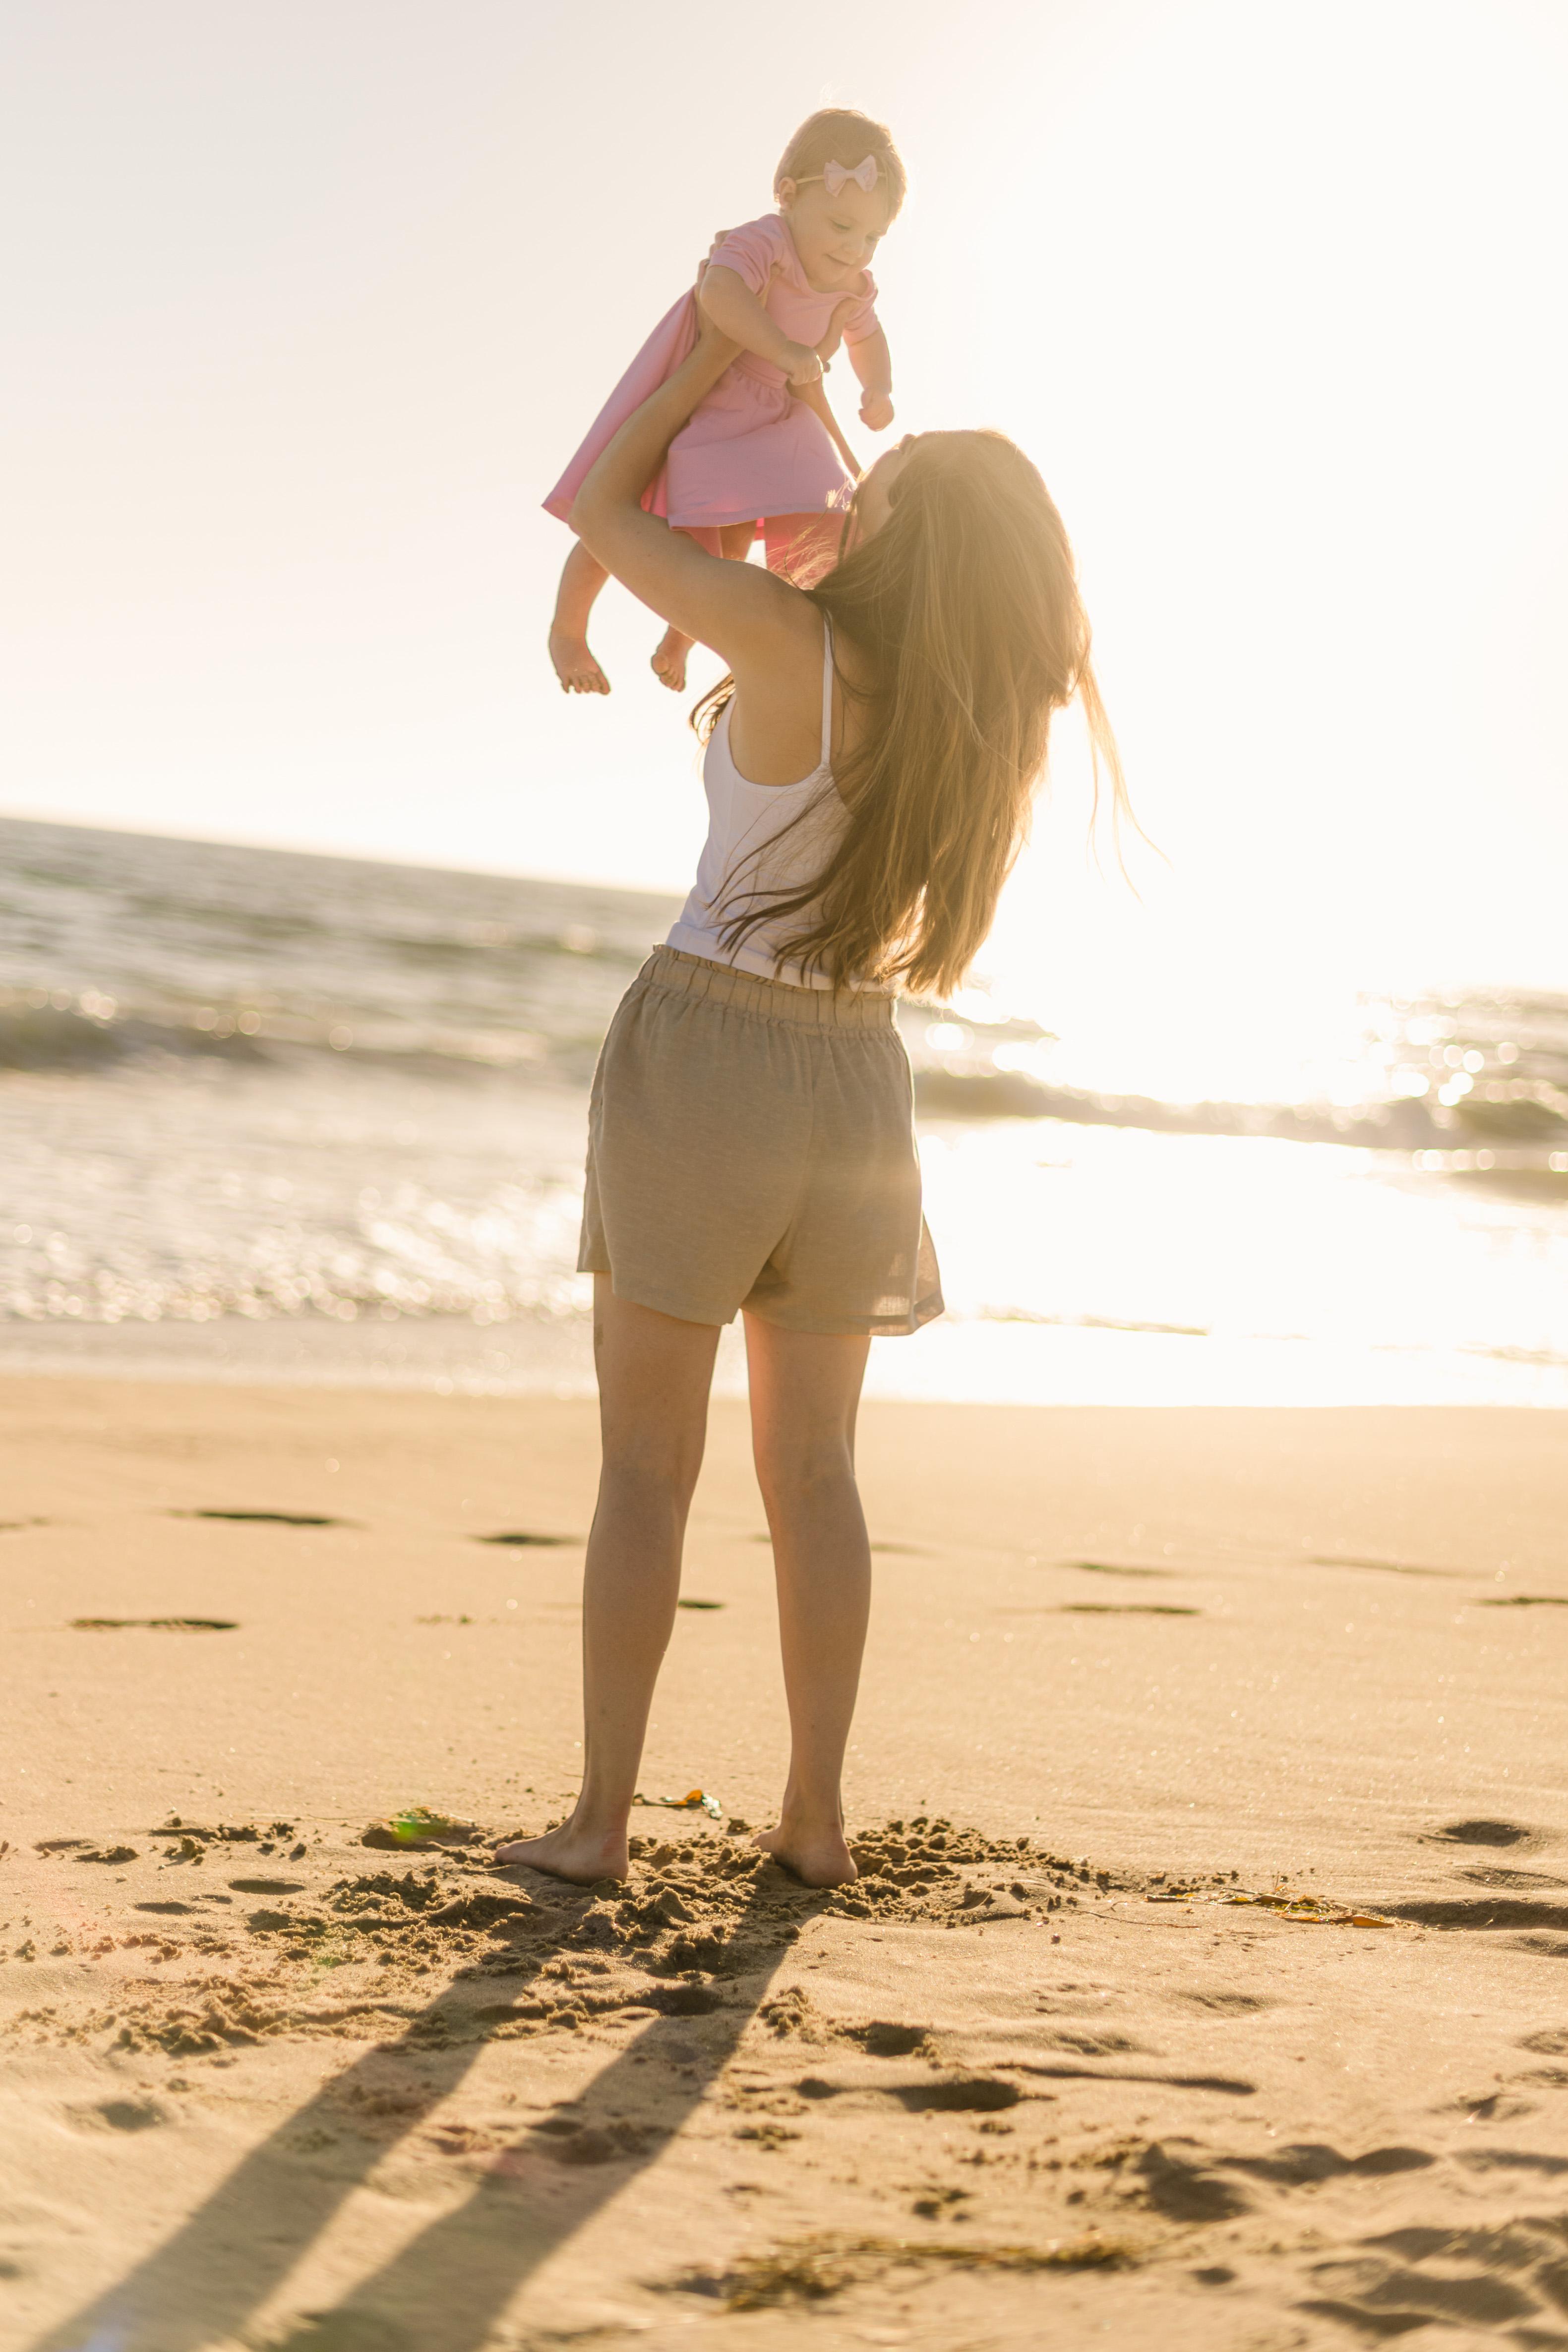 sunset baby beach photoshoot